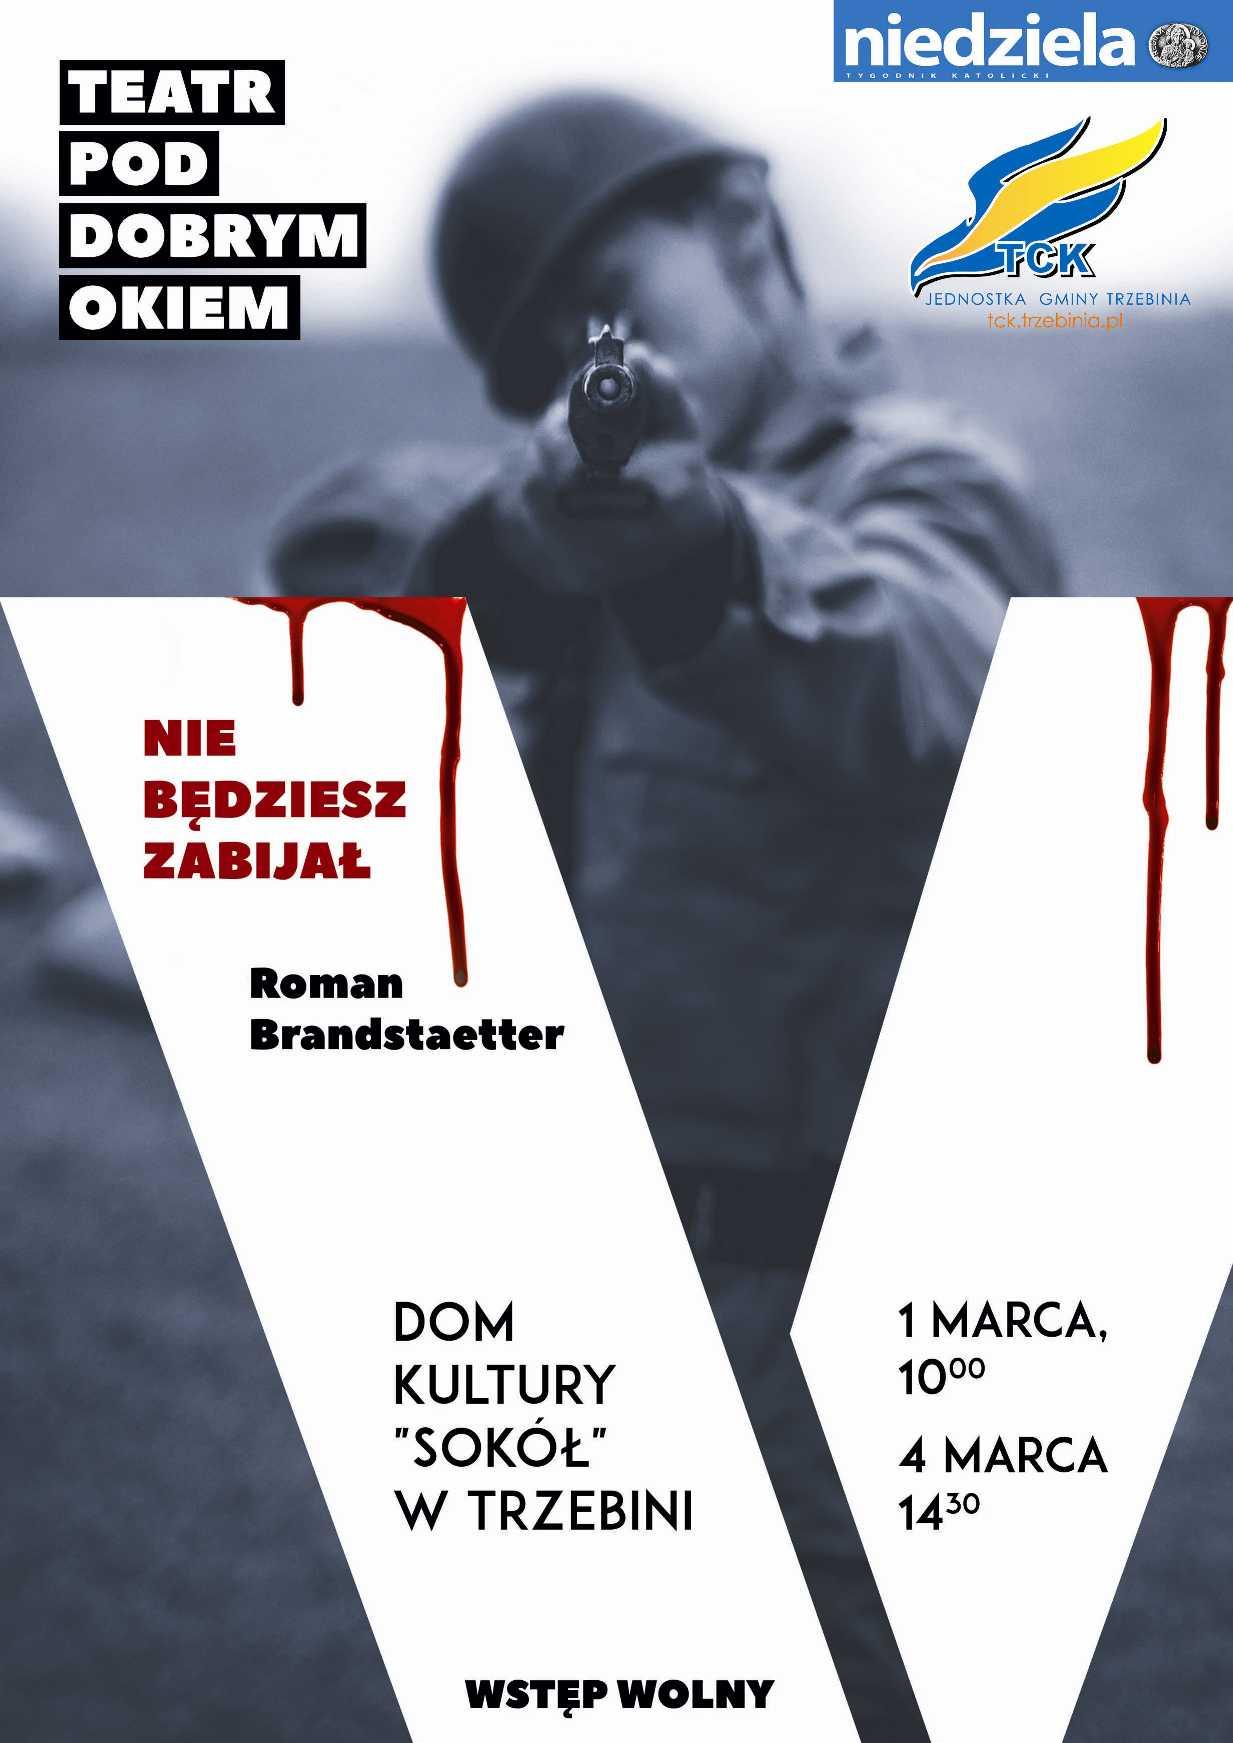 """""""Nie będziesz zabijał"""" - spektakl Teatru Pod Dobrym Okiem"""